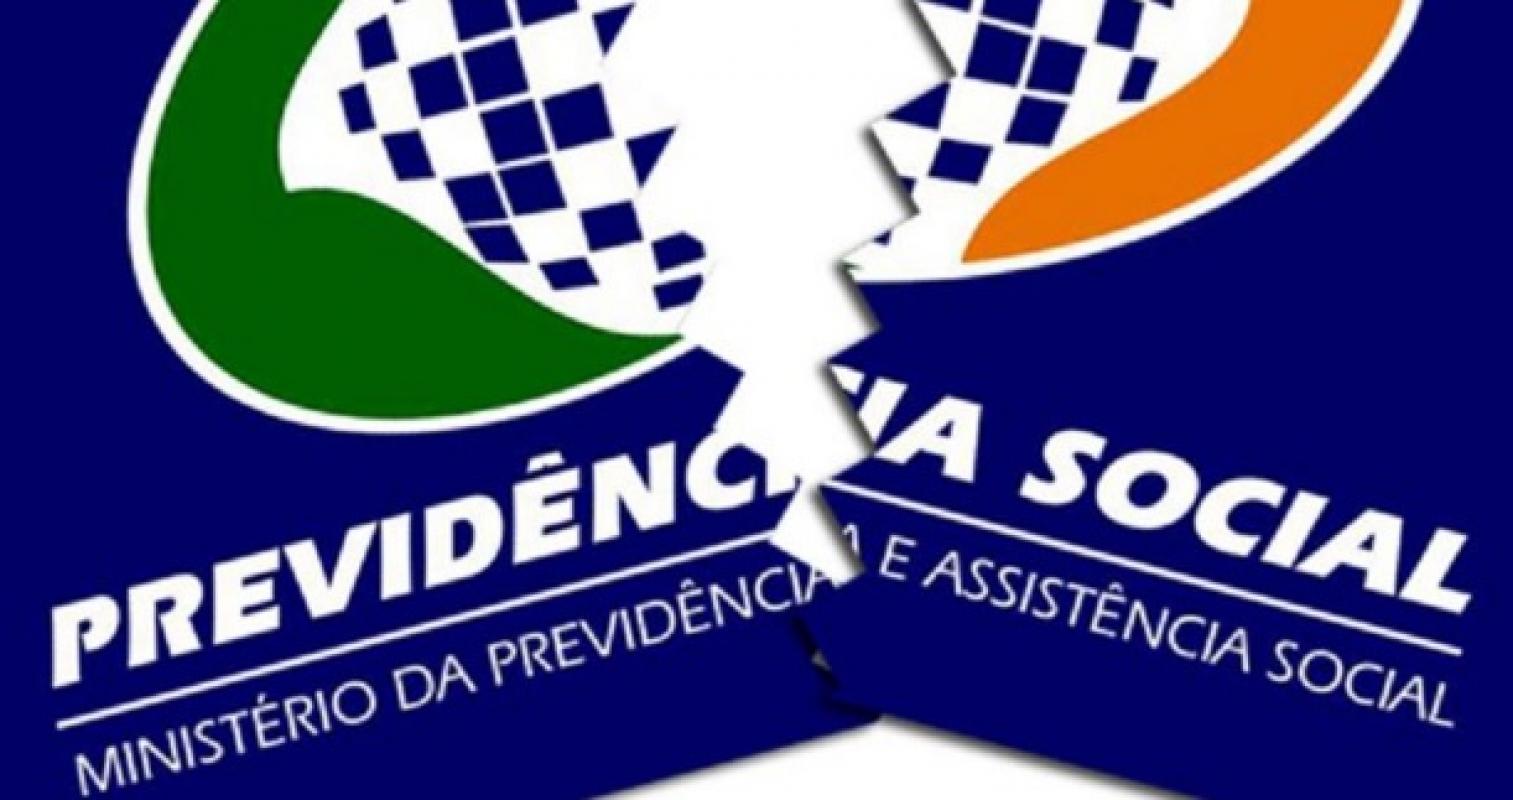 reforma-da-previdencia-analise-da-emenda-aglutinativa-apresentada